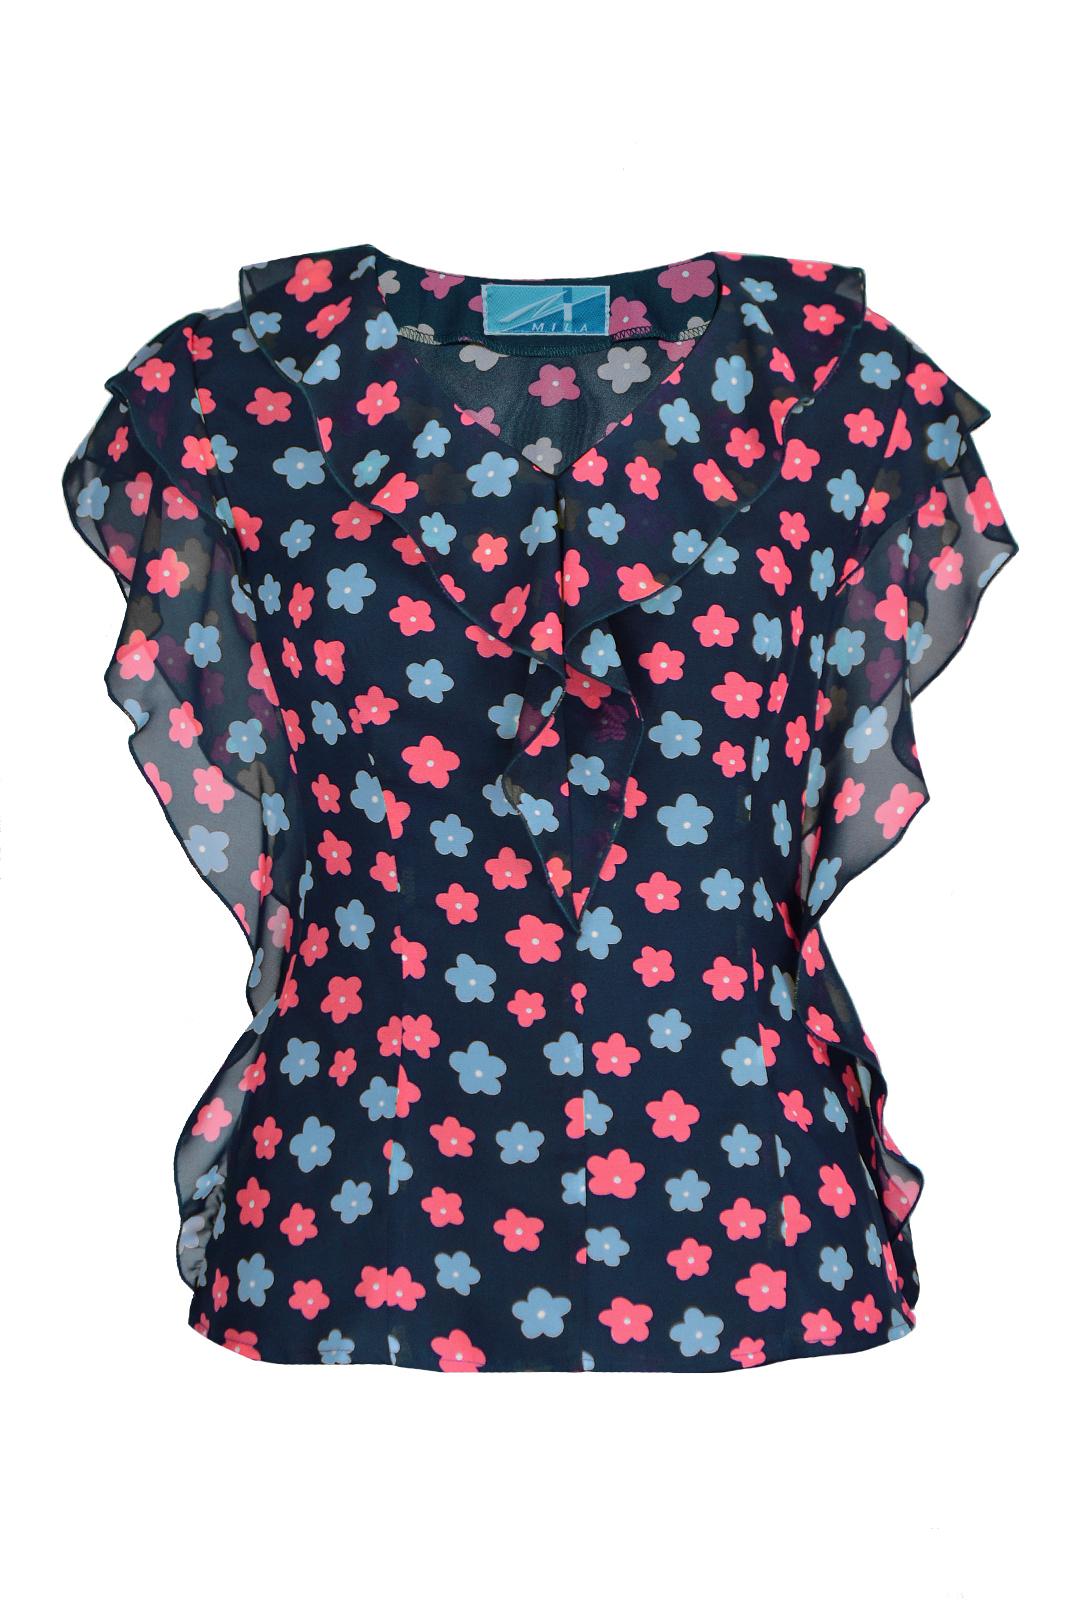 Купить Праздничную Блузку Женскую В Интернет Магазине